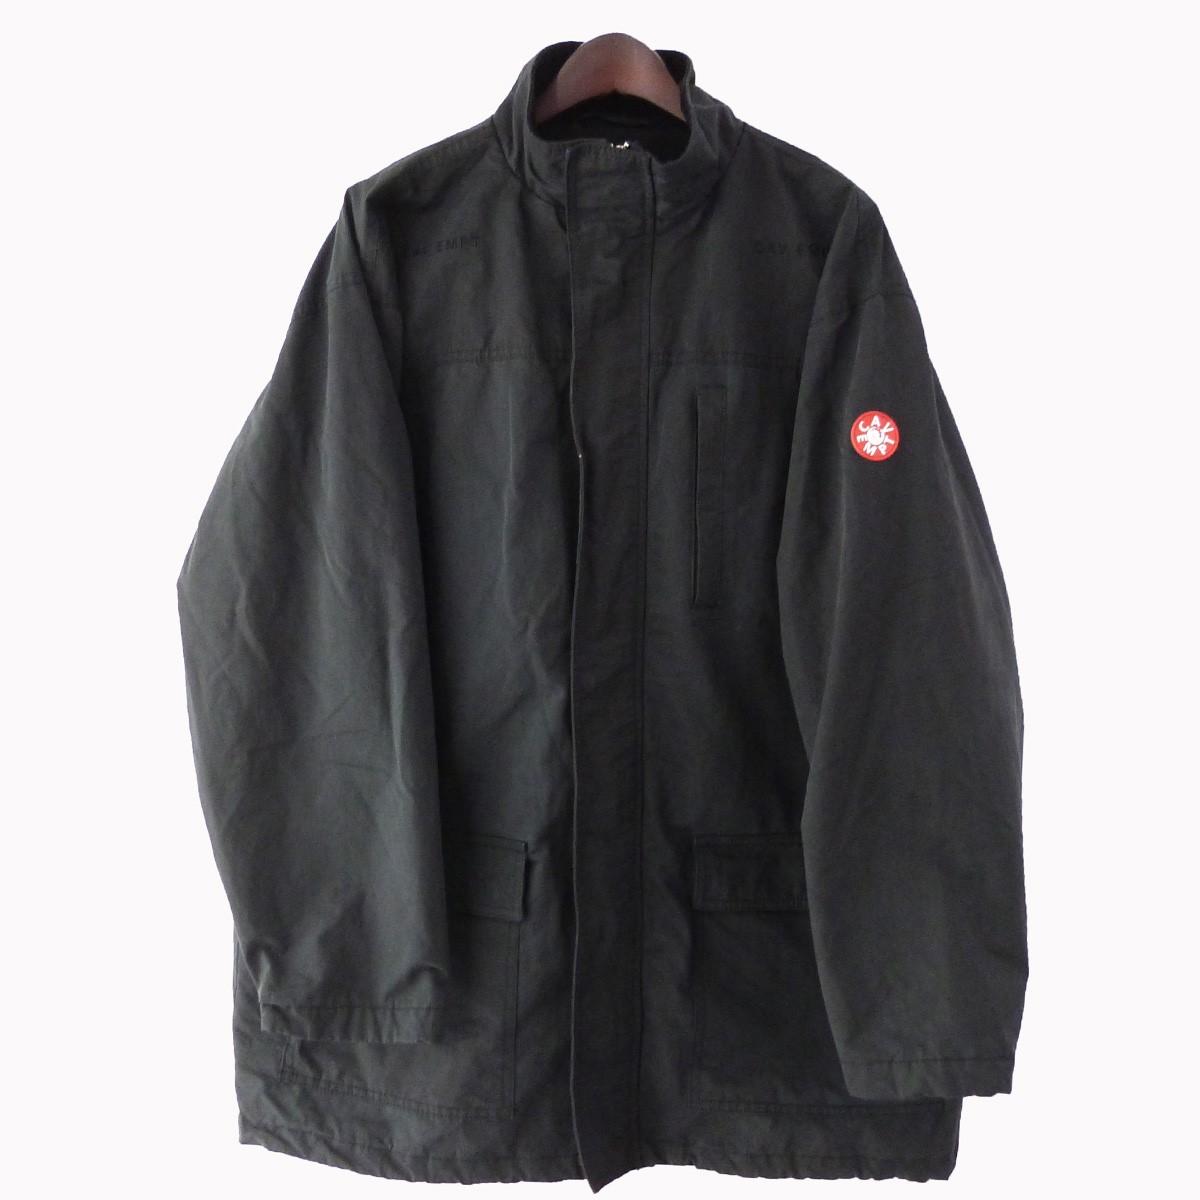 【中古】C.E オーバーサイズミリタリージャケット ブラック サイズ:M 【240320】(シーイー)